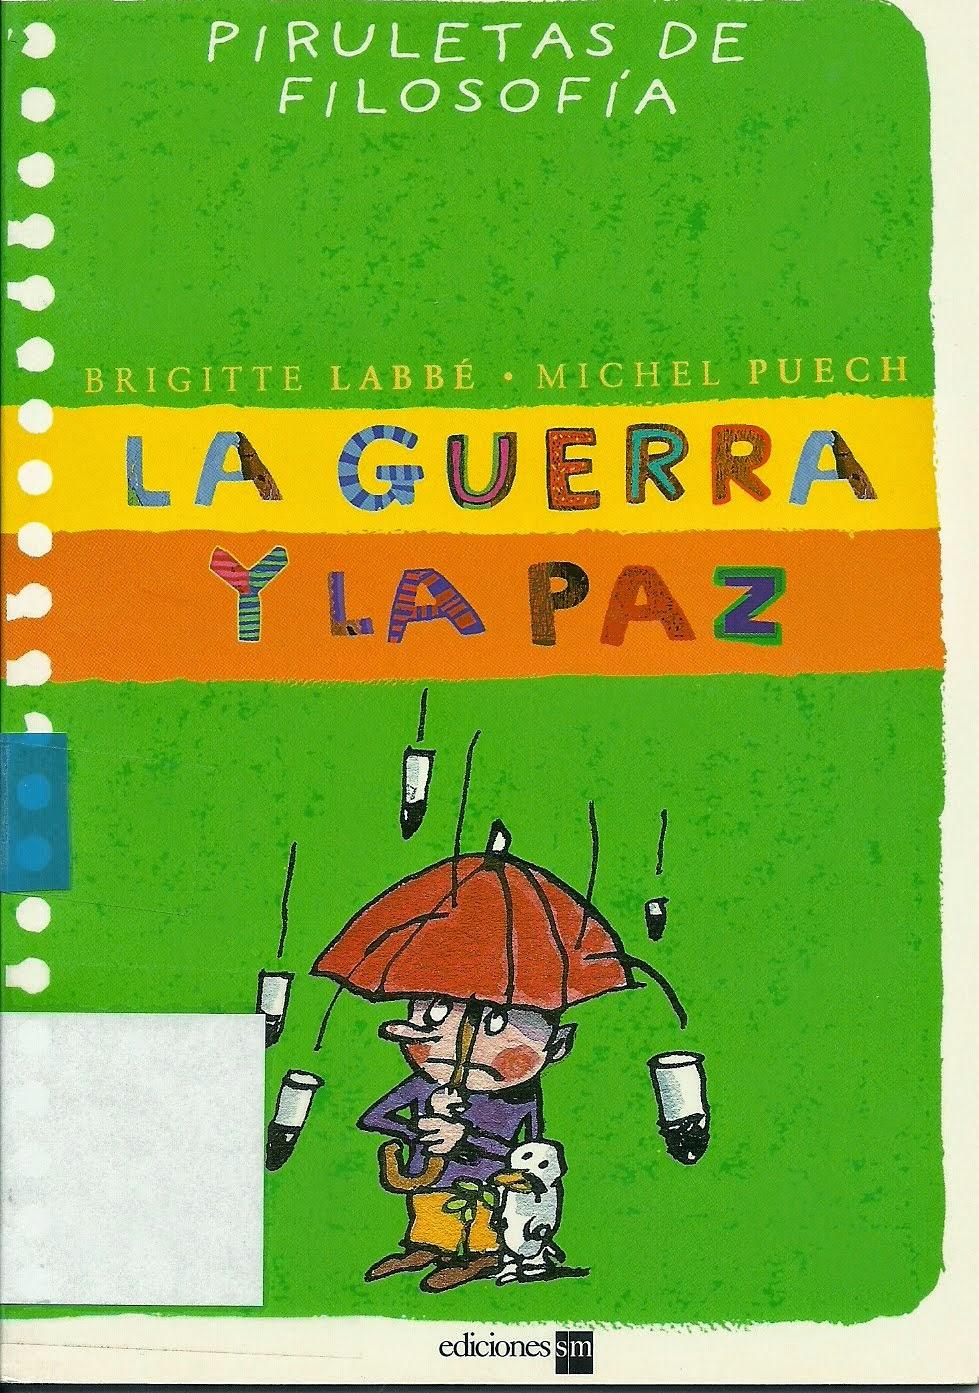 Libros pola PAZ